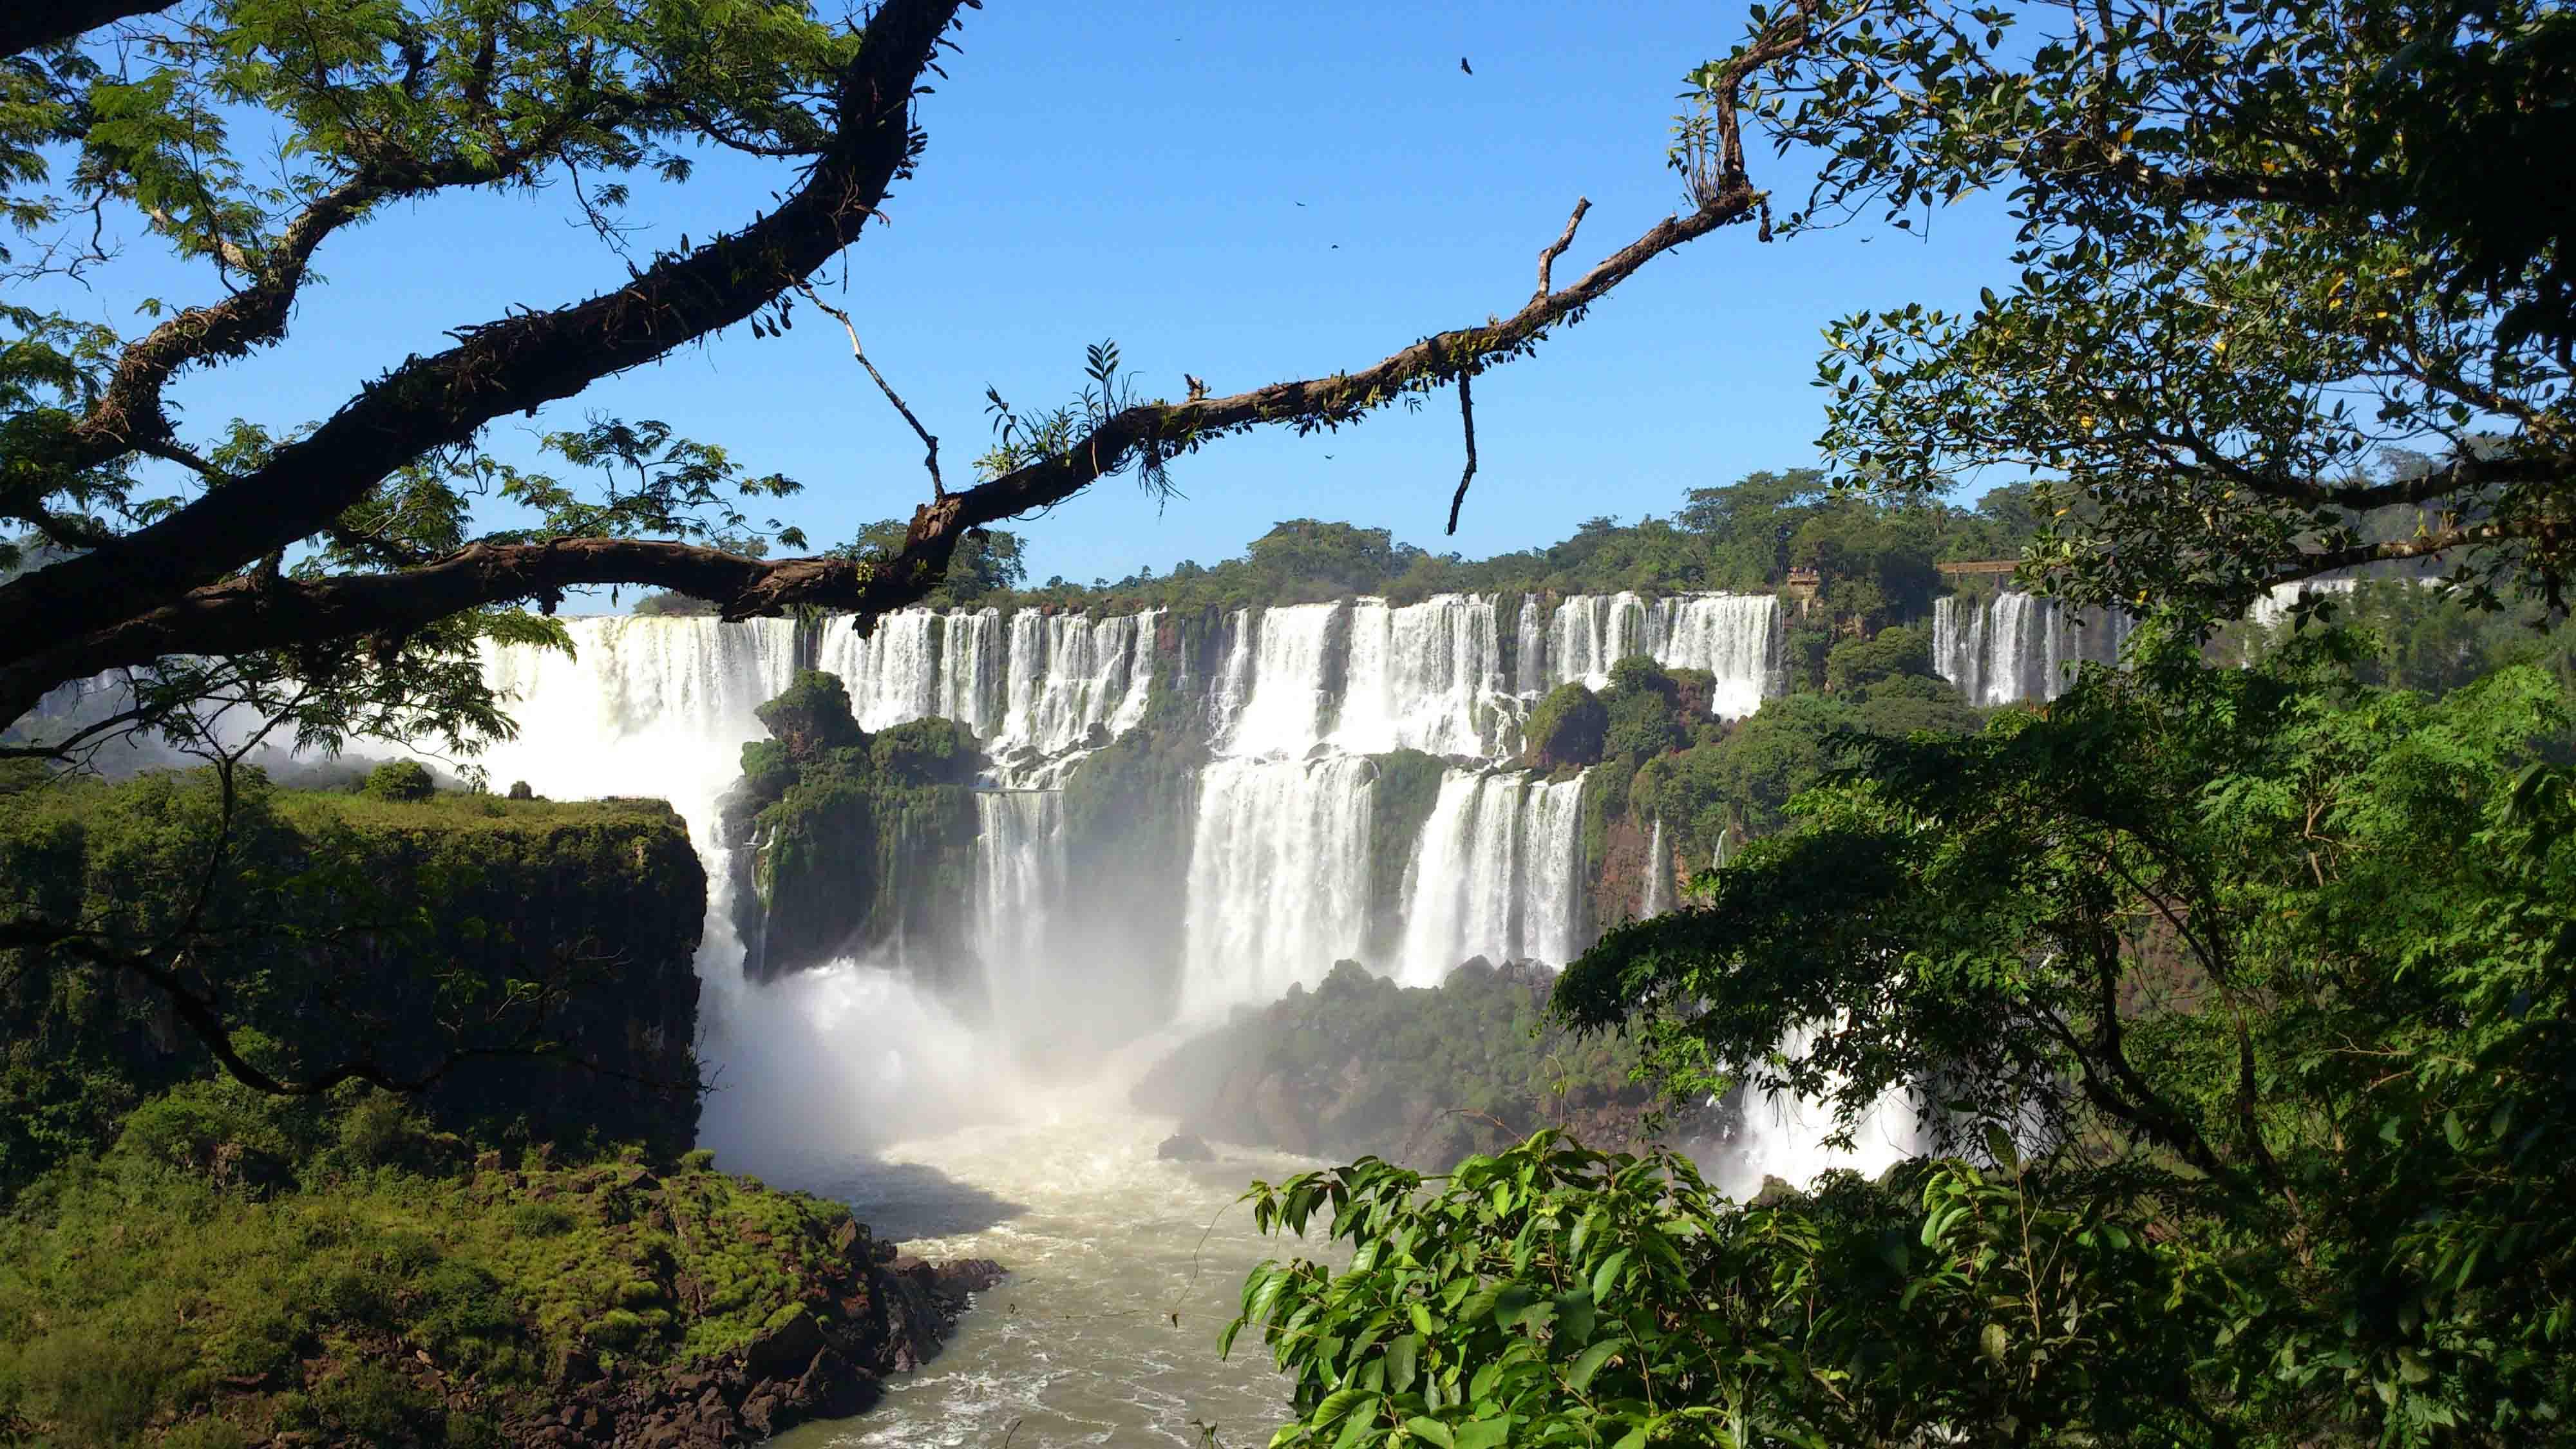 Iguassu Falls in Argentina